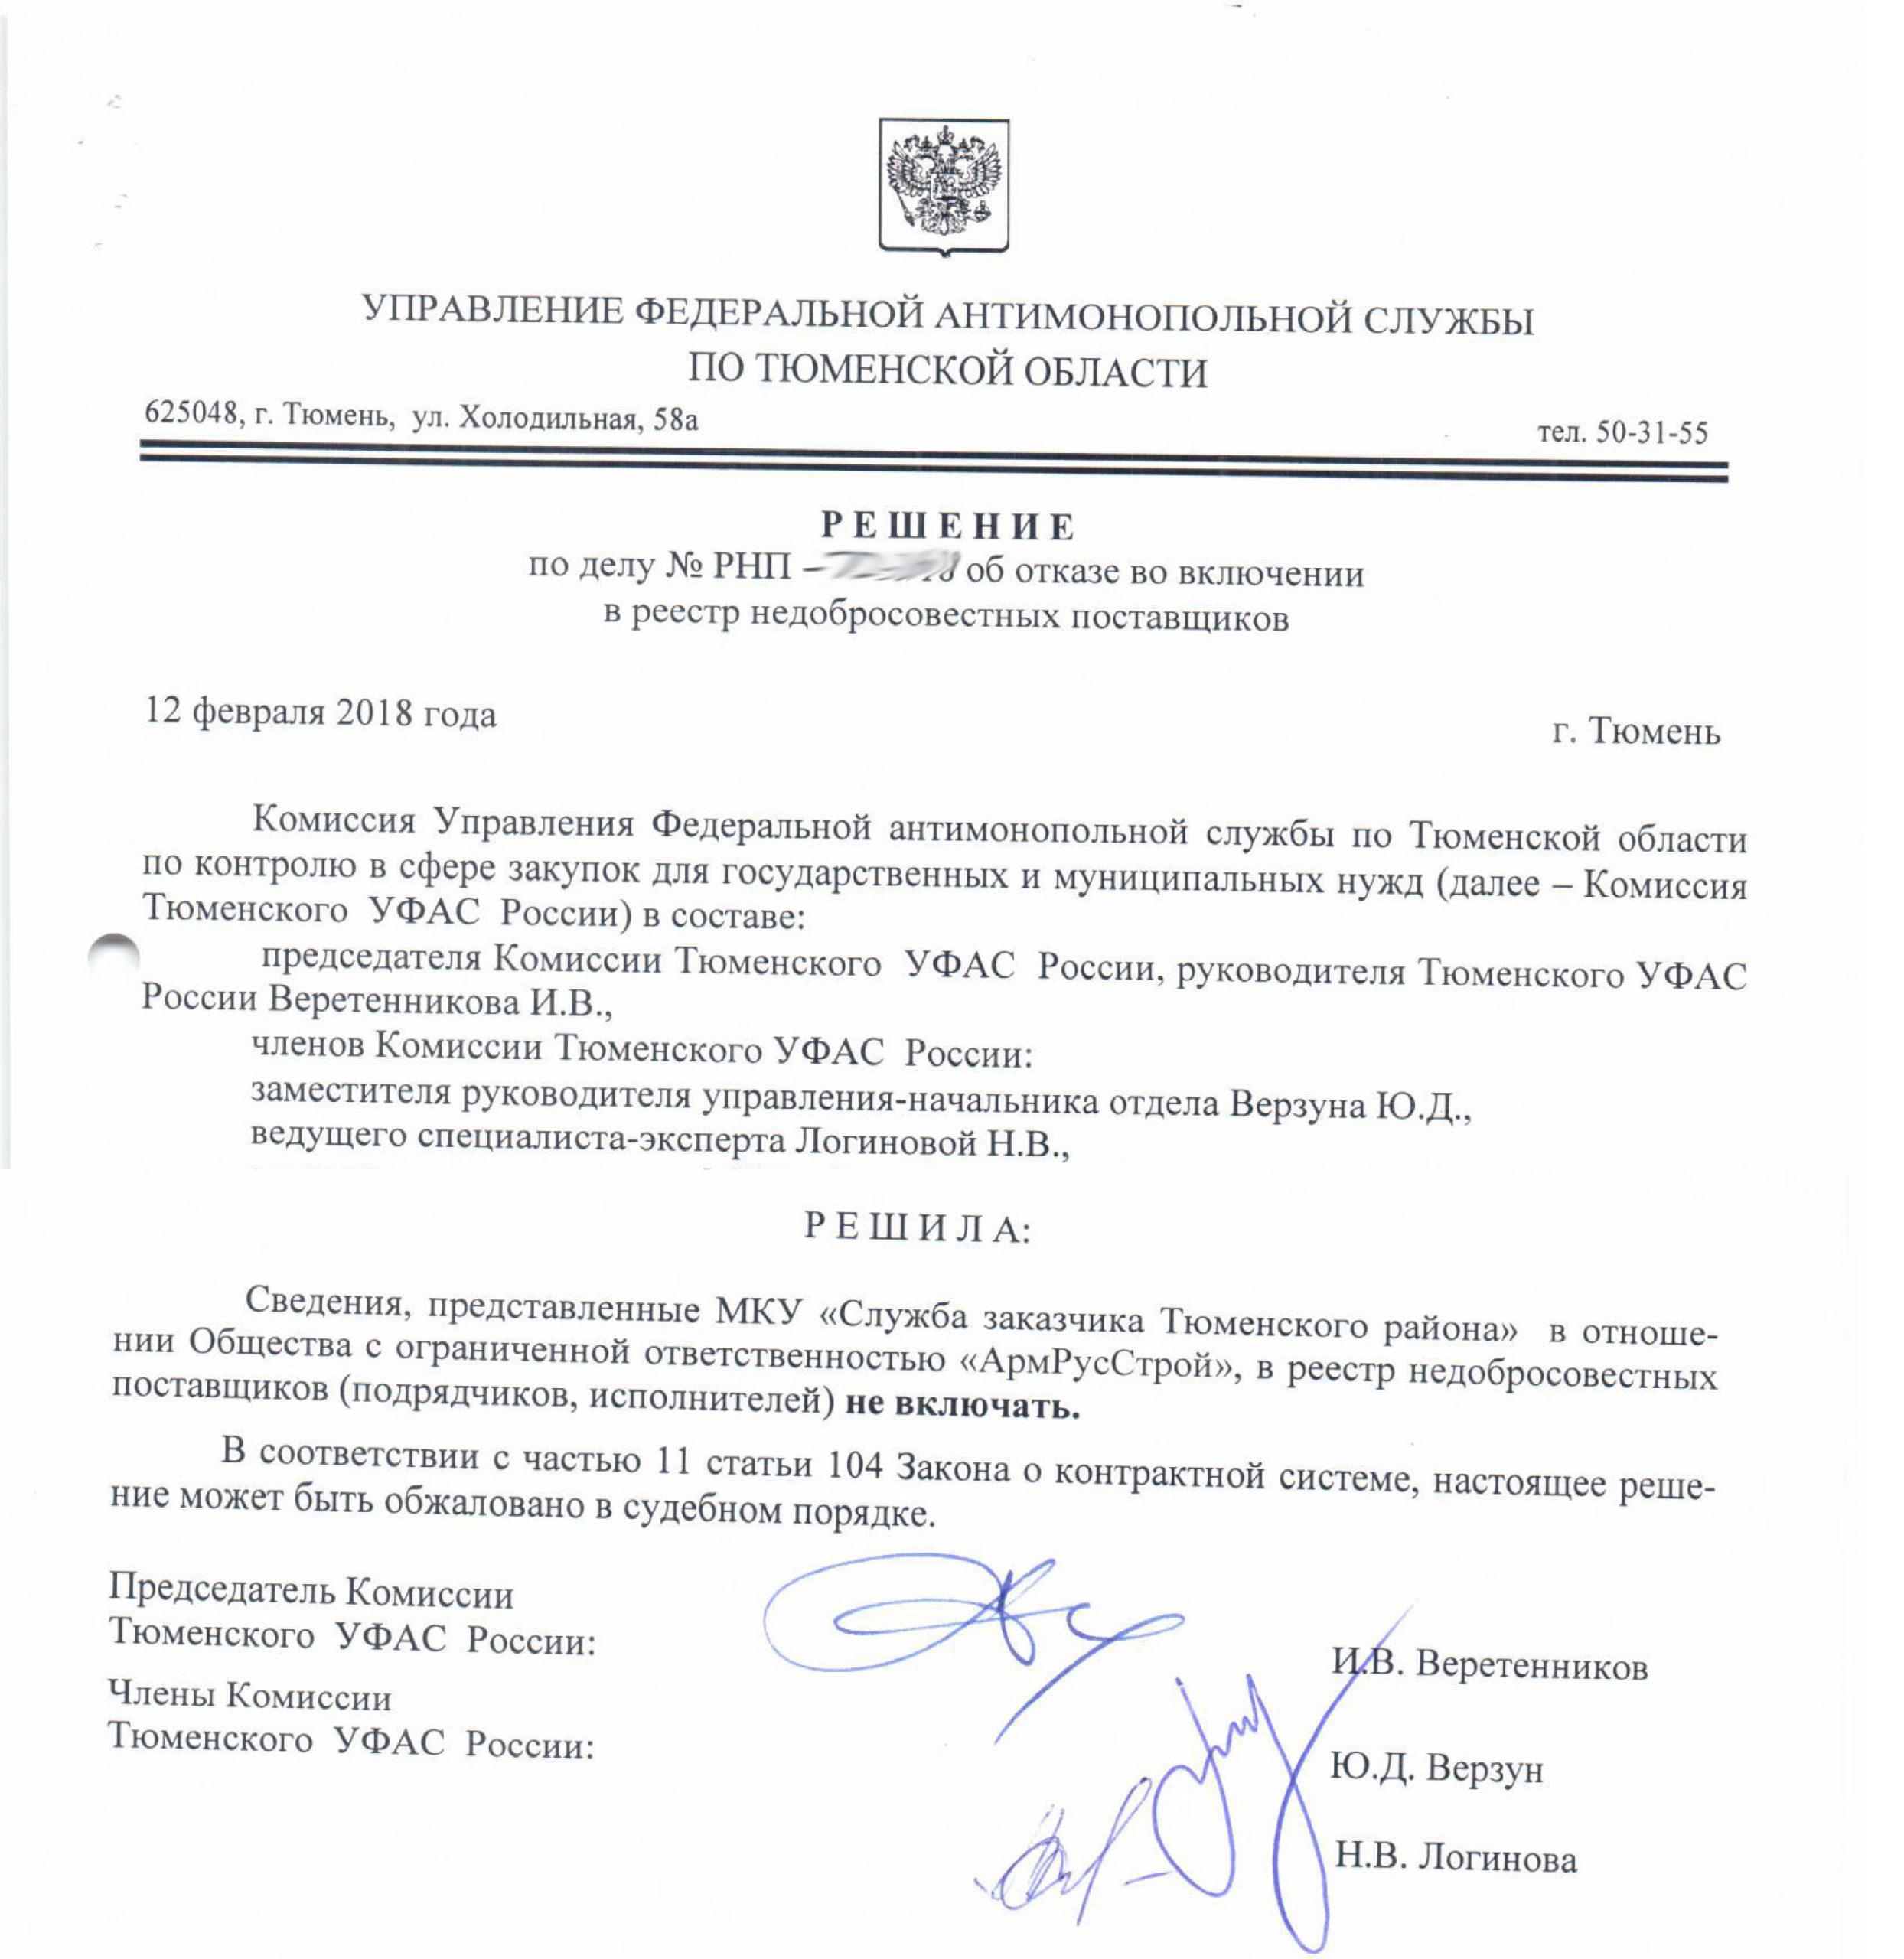 Тюменское УФАС ООО АРМРУССТРОЙ